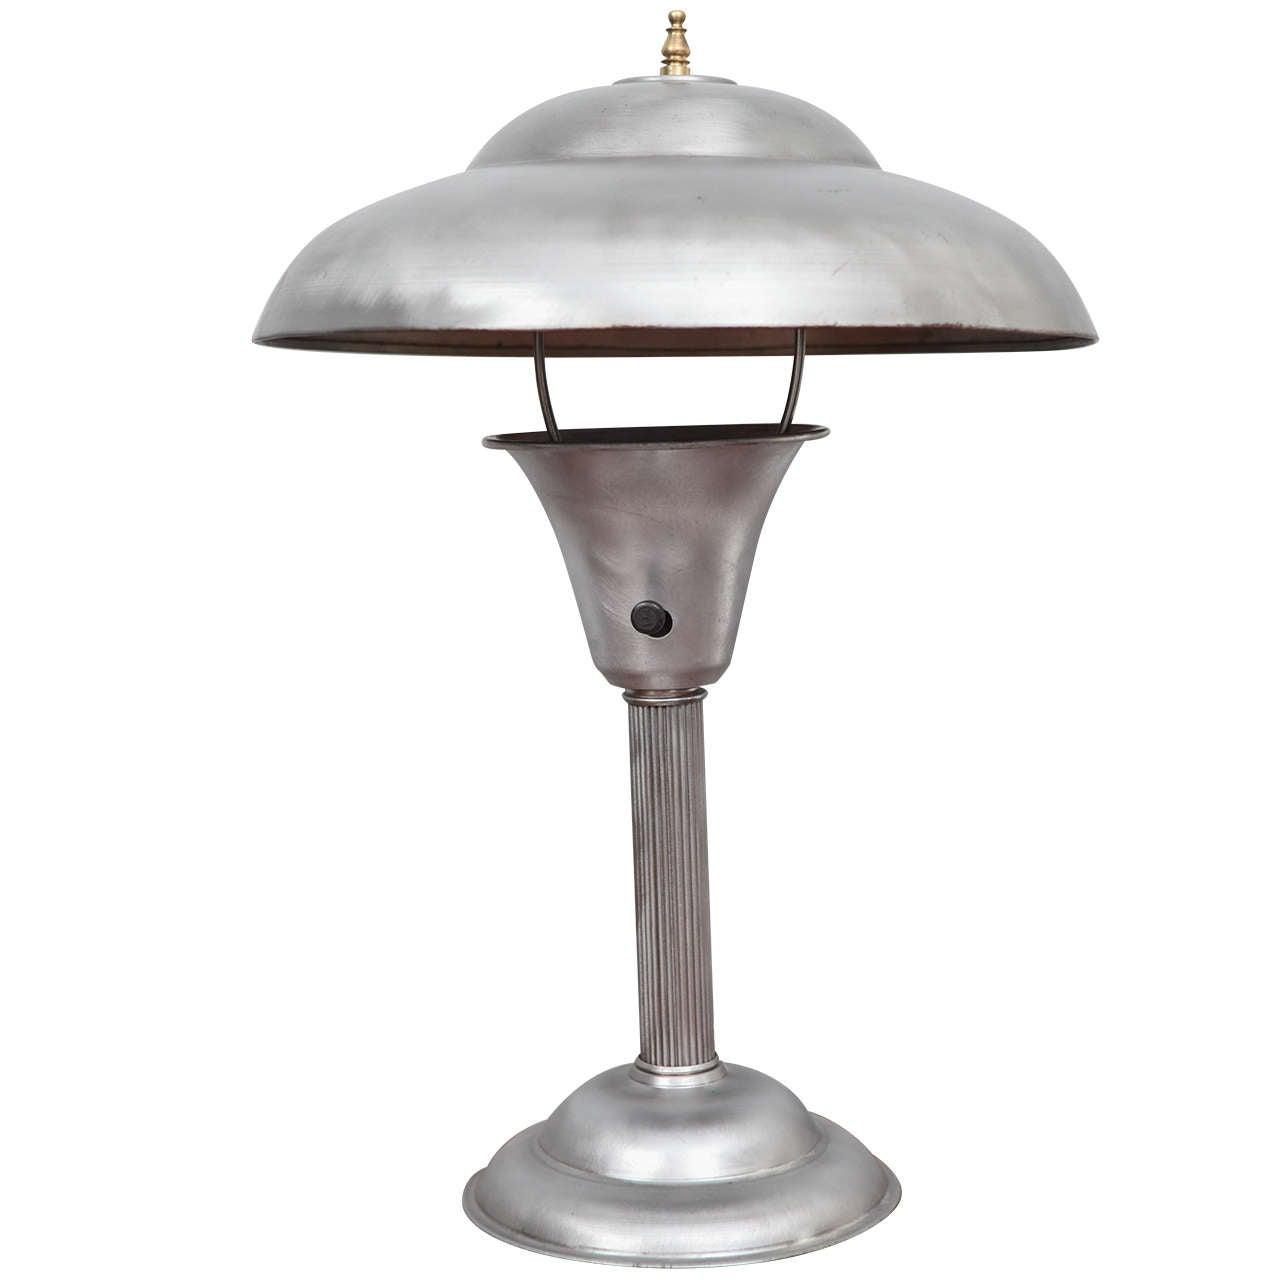 1930's Brushed Steel Desk Lamp